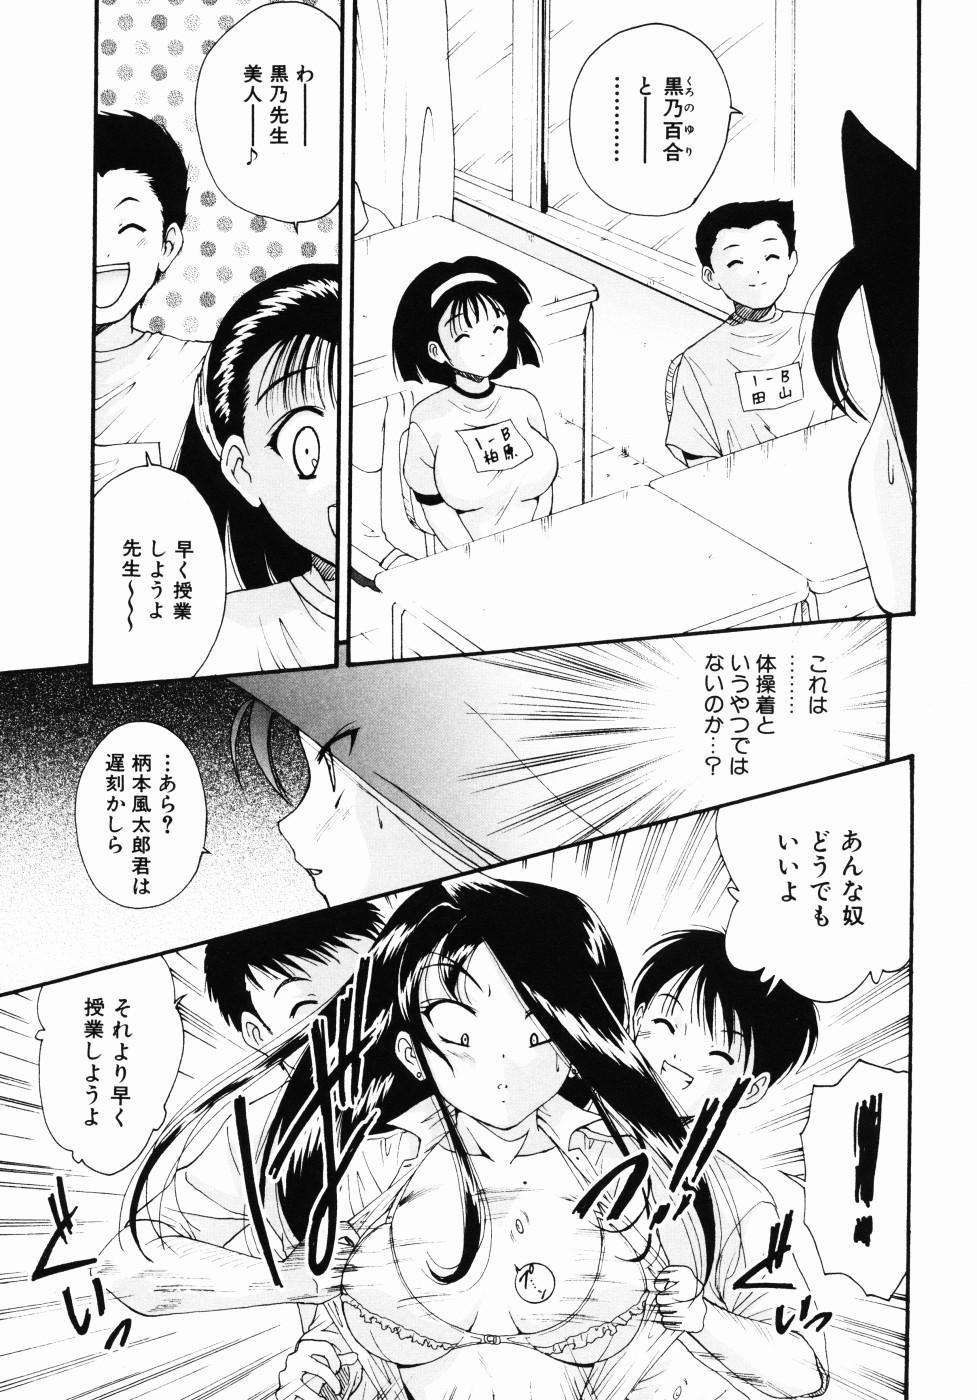 Daikyou Megami 153